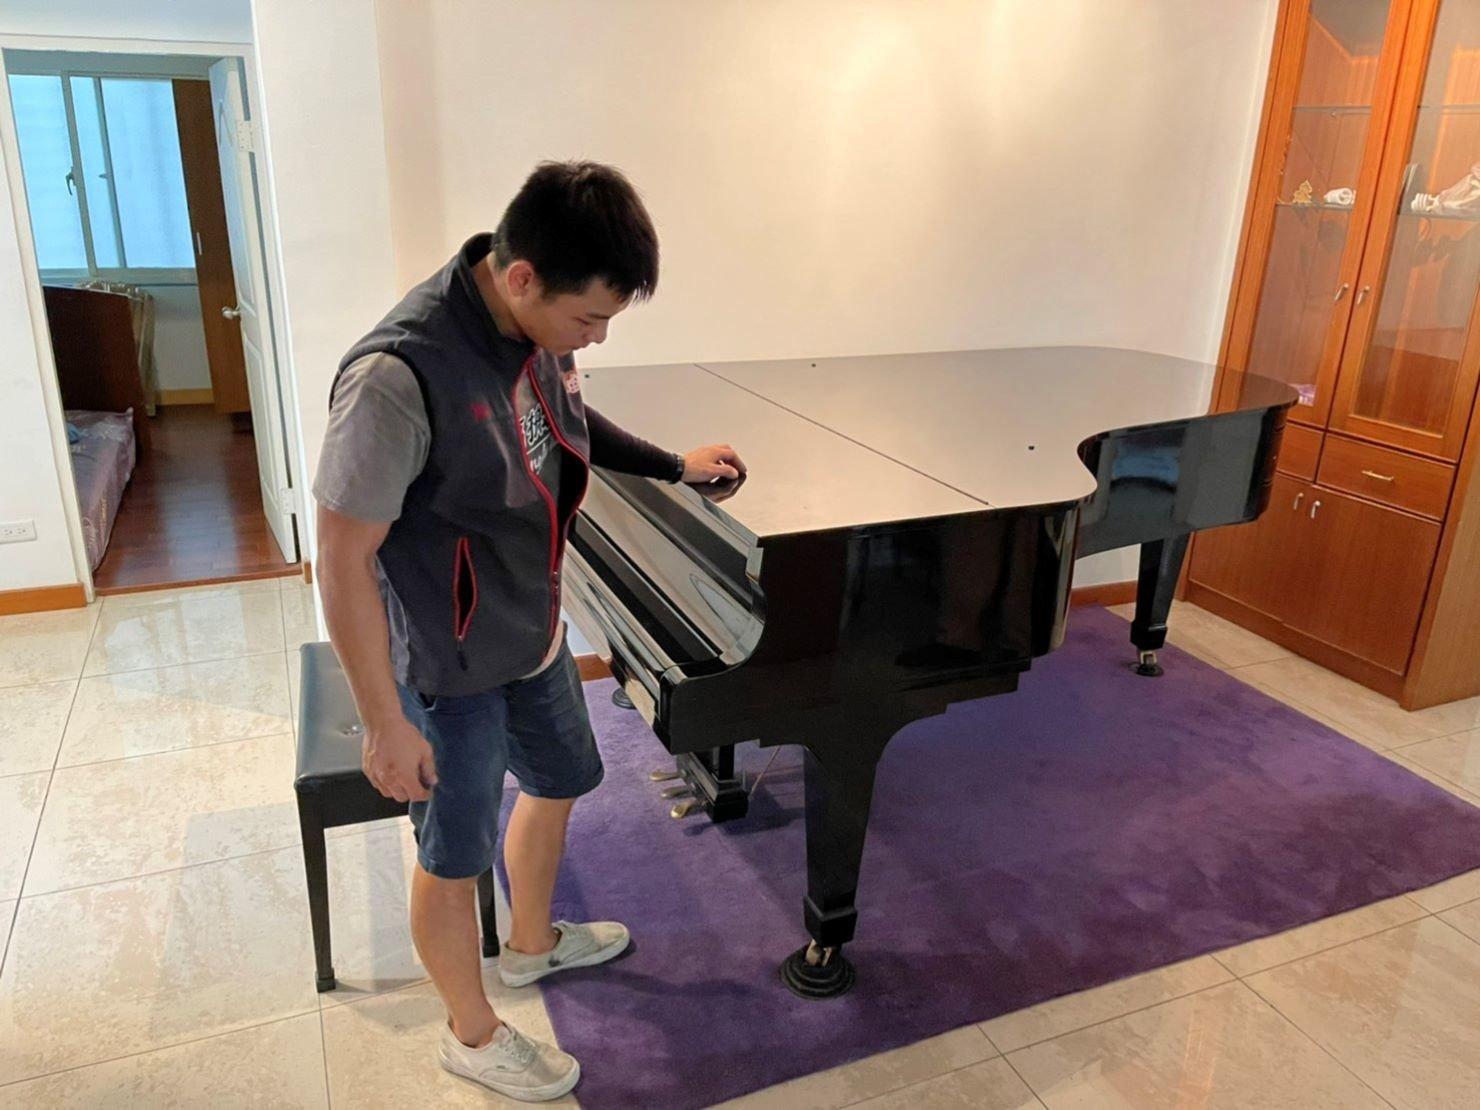 搬家公司推薦【榮福搬家】搬遷好品質值得您的信賴與選擇:【鋼琴搬運】榮福搬家精搬鋼琴,師傅們發揮最專業的鋼琴搬運技能、細膩的包裝技巧、用心的服務態度,擁有眾多搬鋼琴好評推薦。